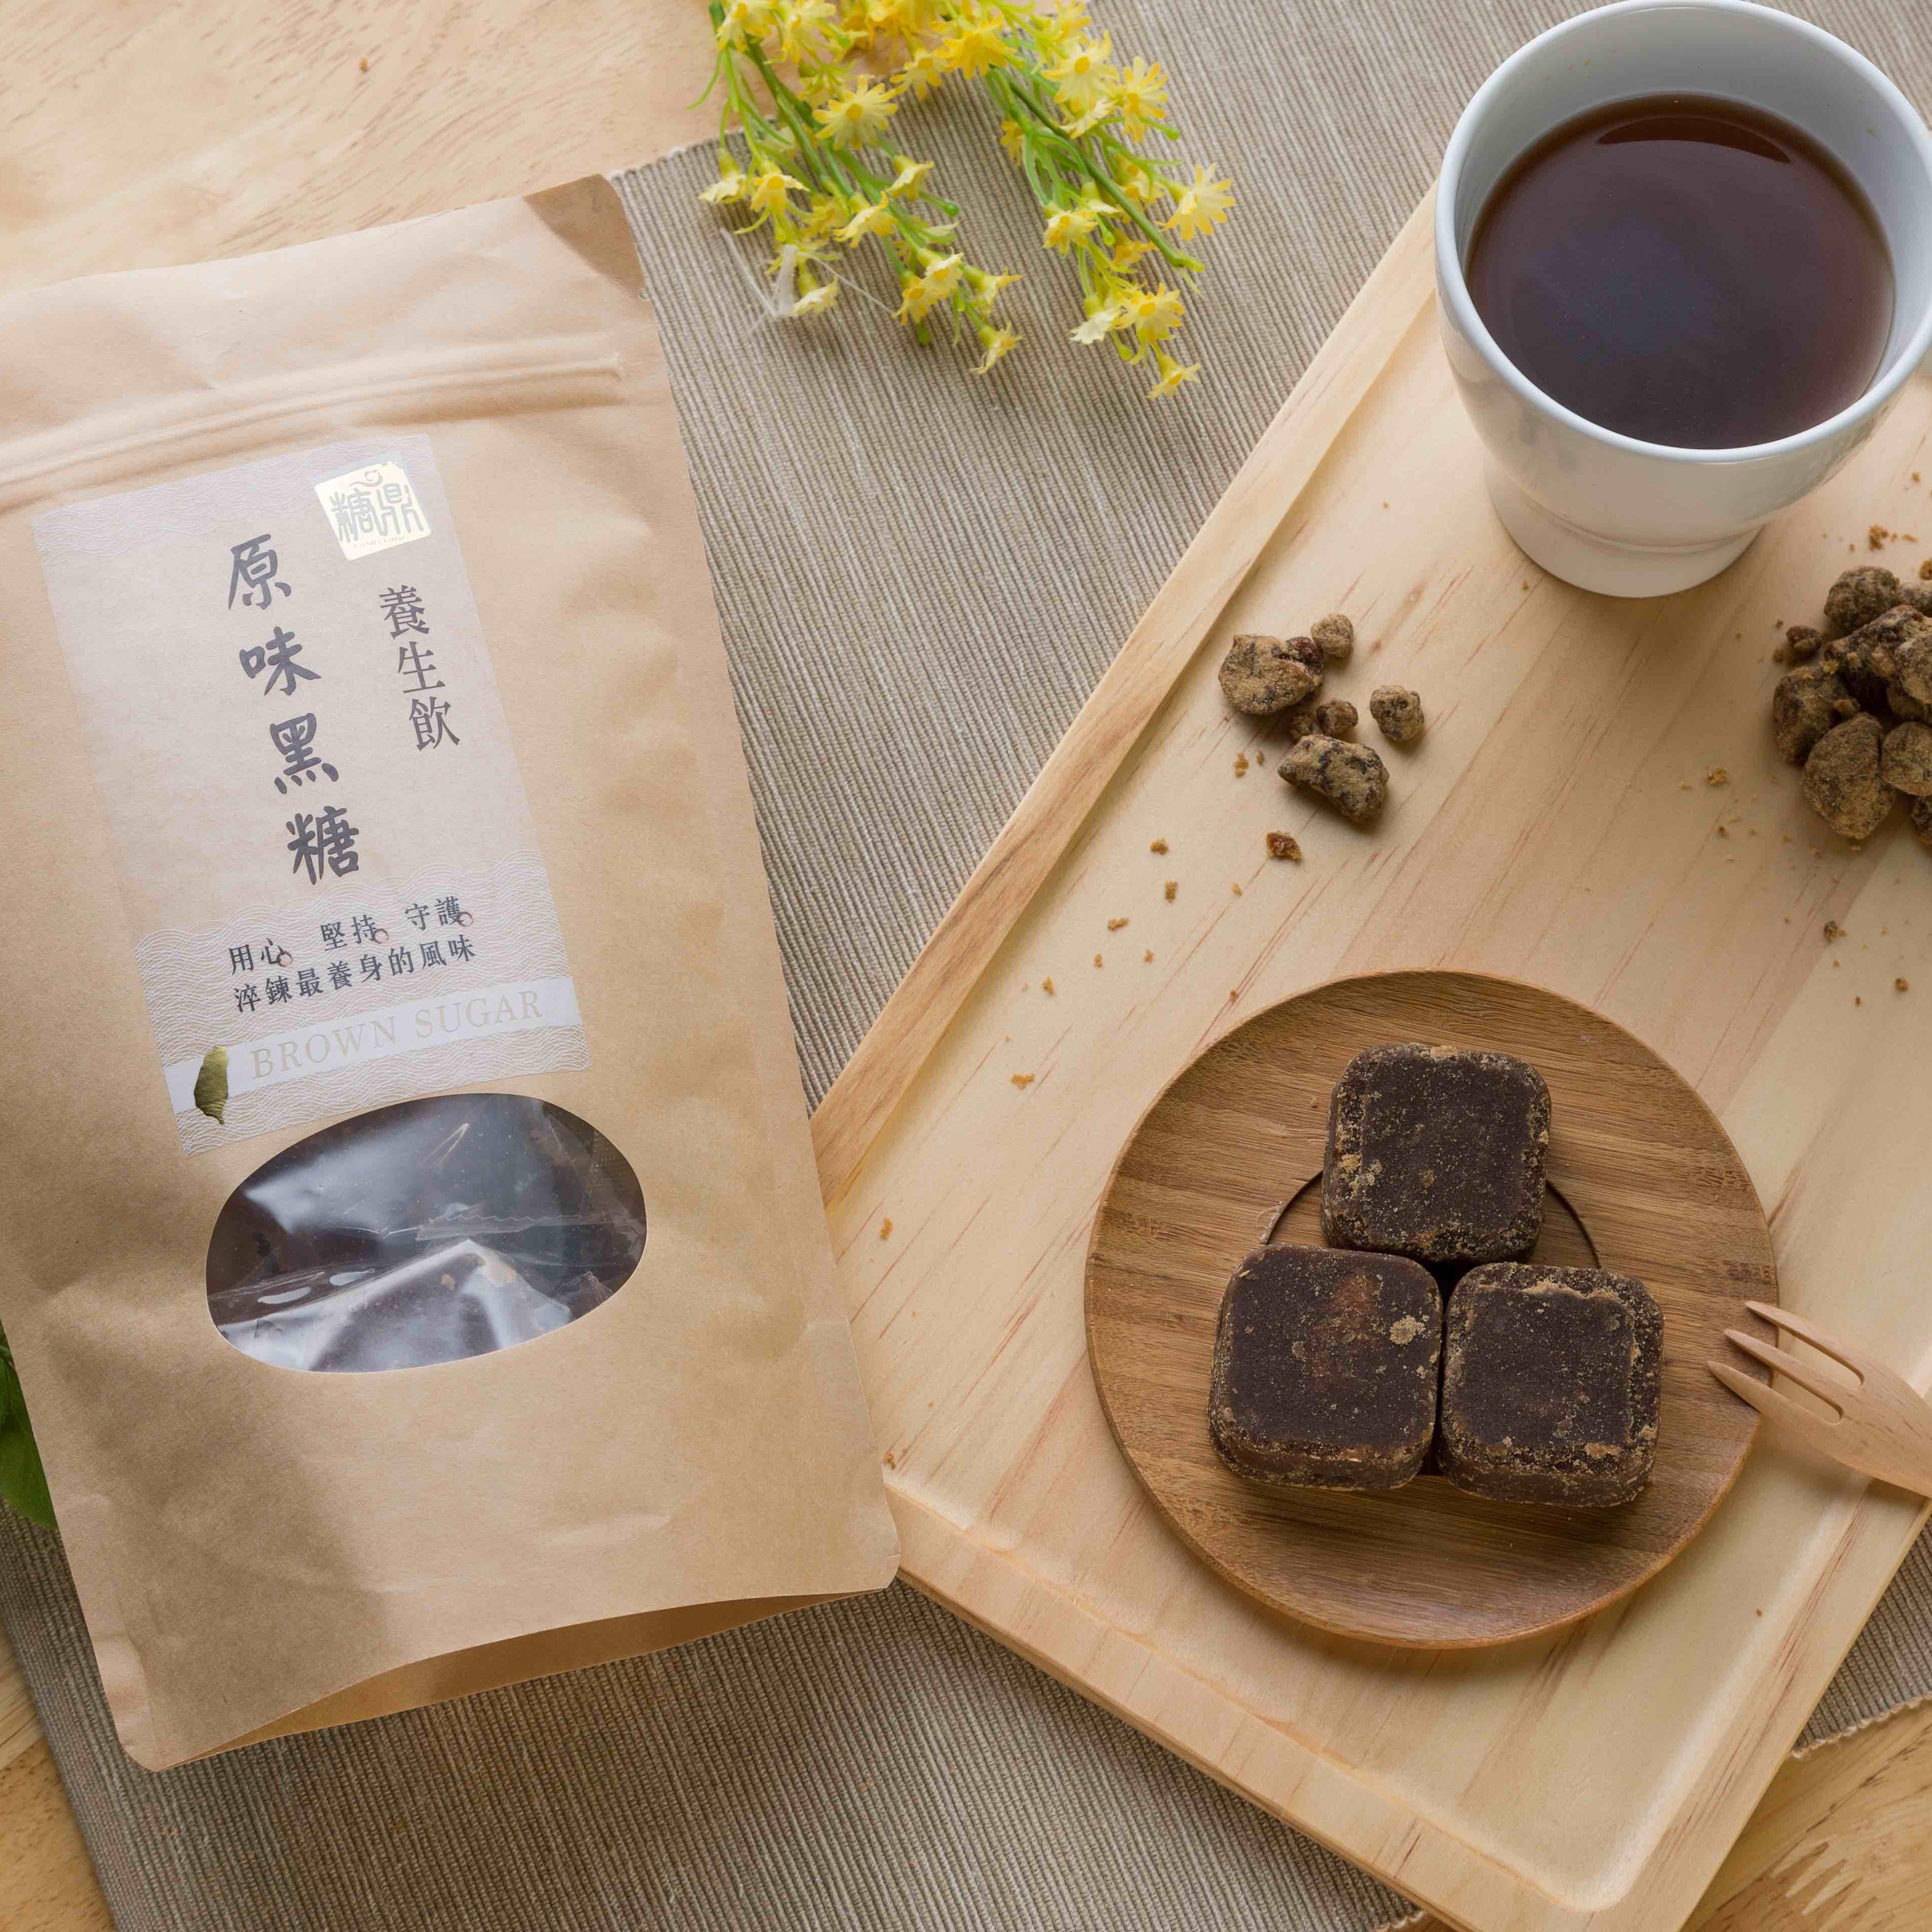 糖鼎養身黑糖茶磚-多口味任選三包激安下殺組